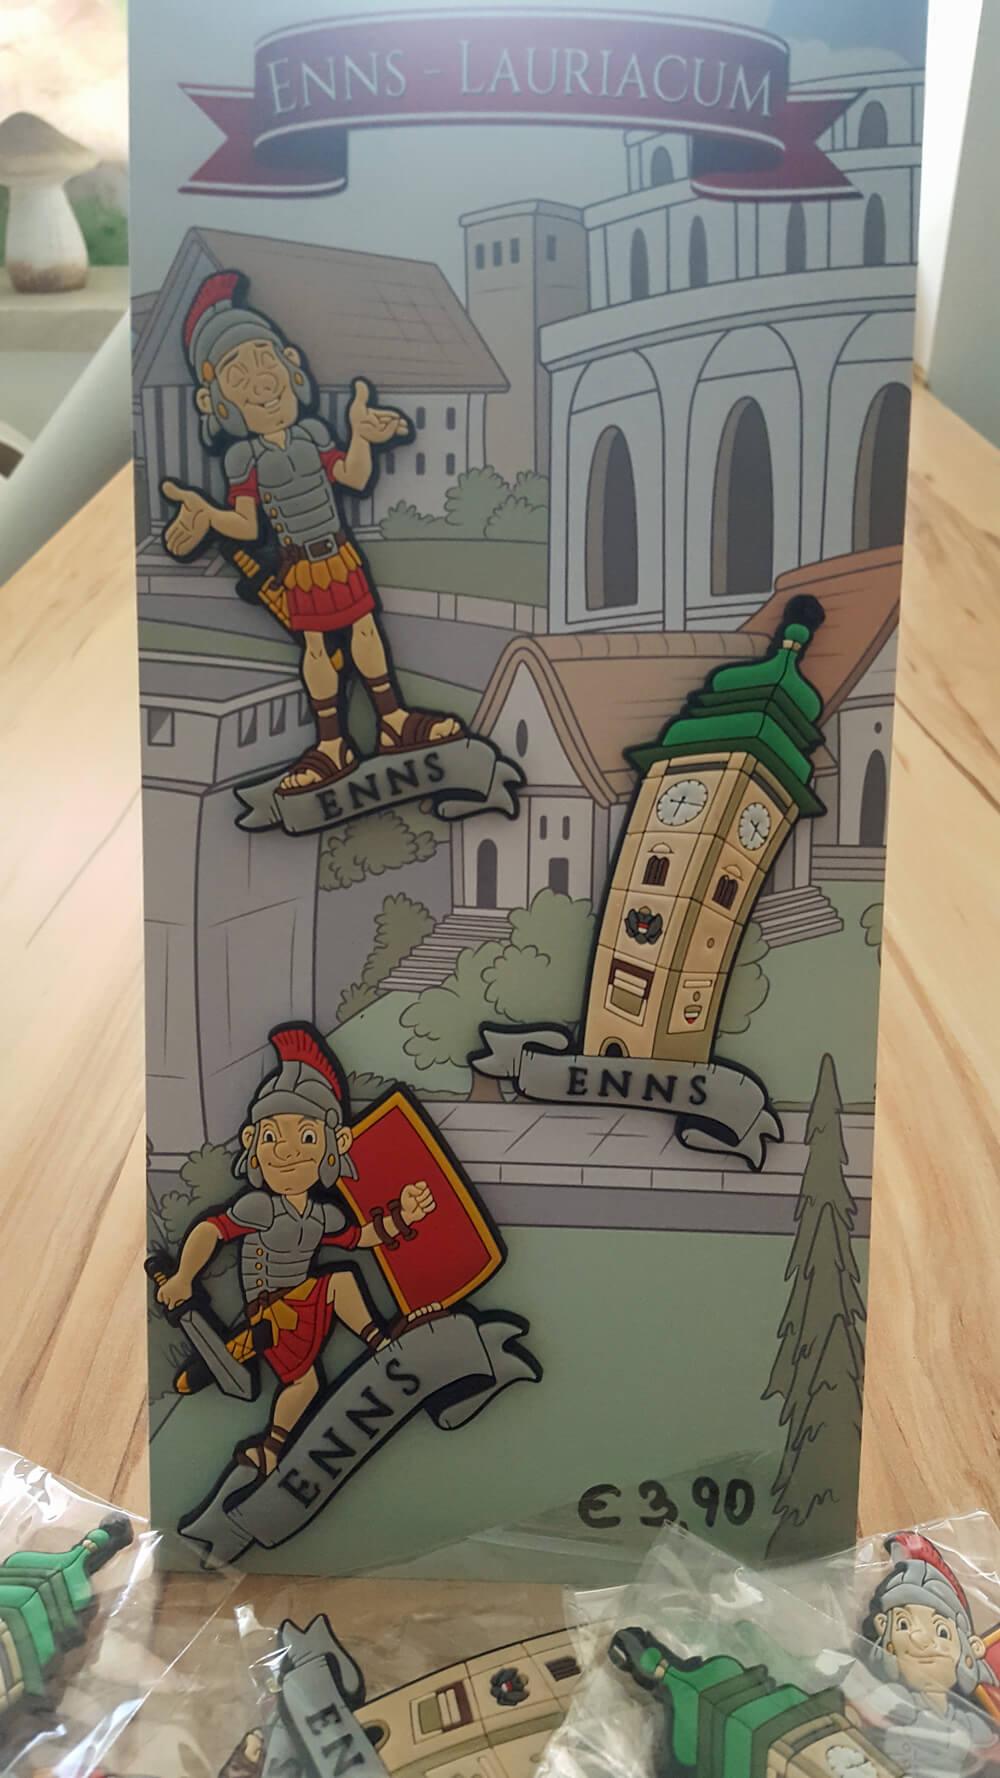 Magnete - Römer zur Landesausstellung um 3,90 Euro